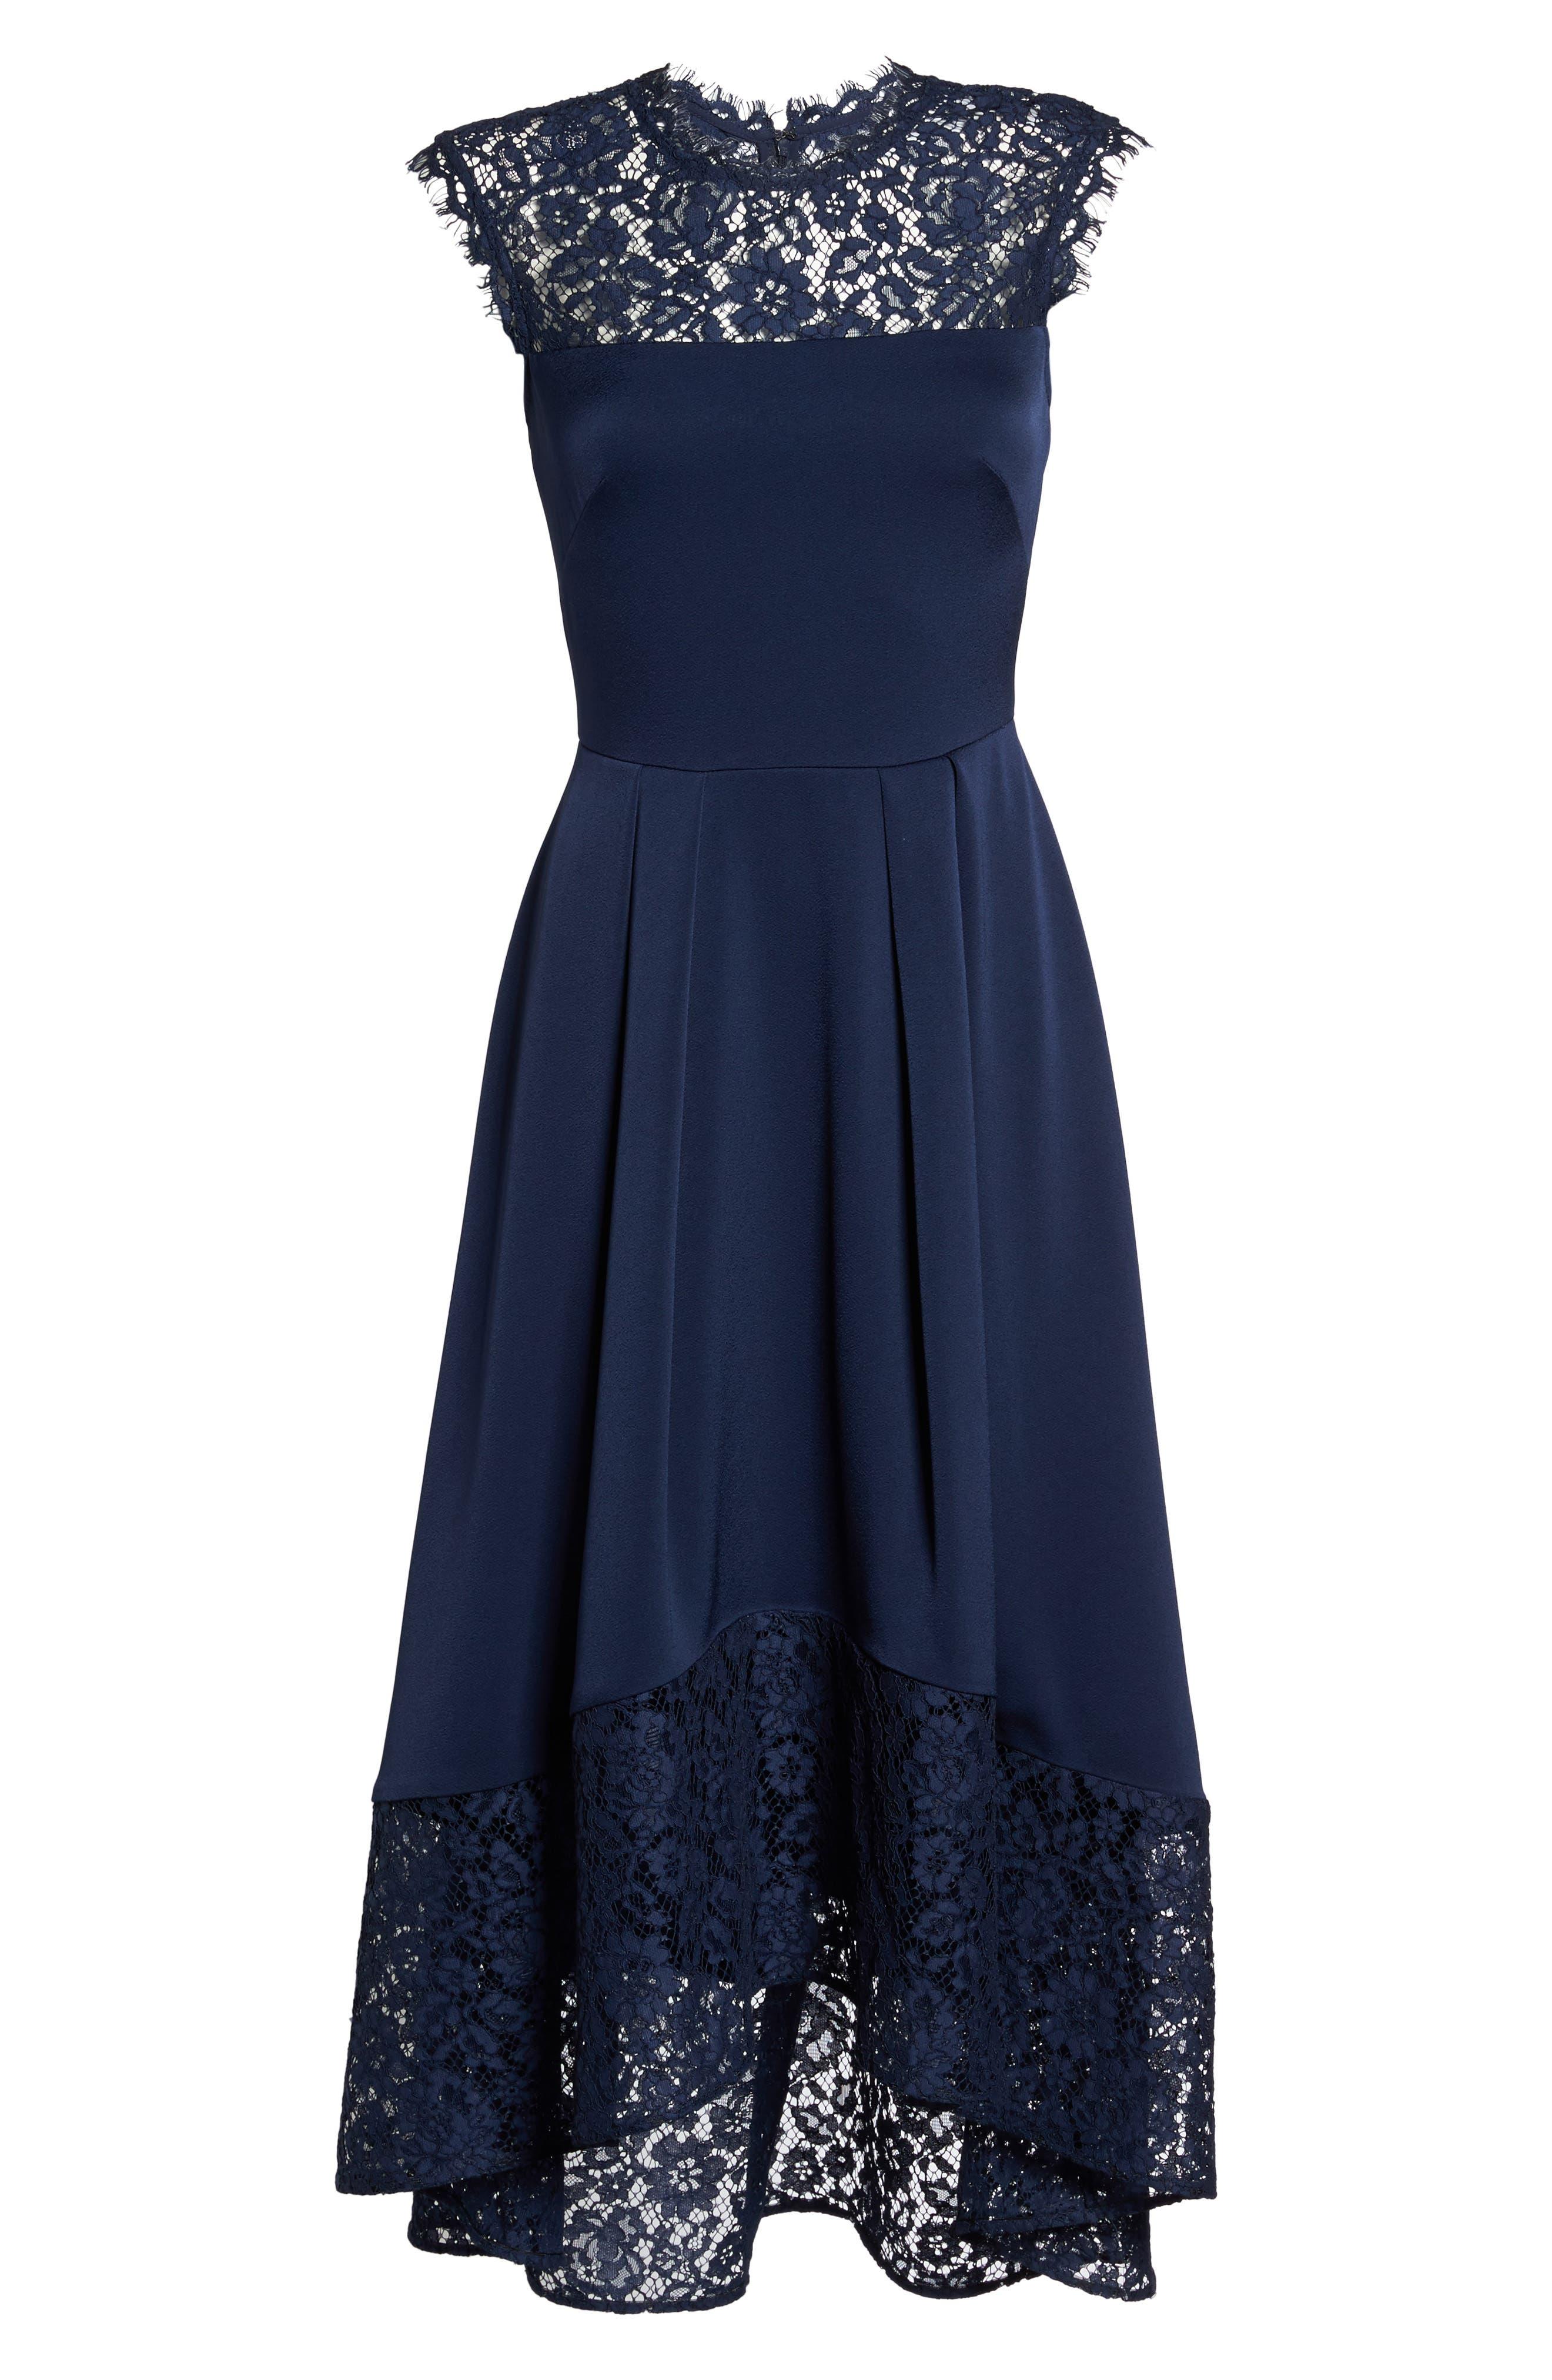 Allachie Lace & Crepe High/Low Midi Dress,                             Alternate thumbnail 6, color,                             414